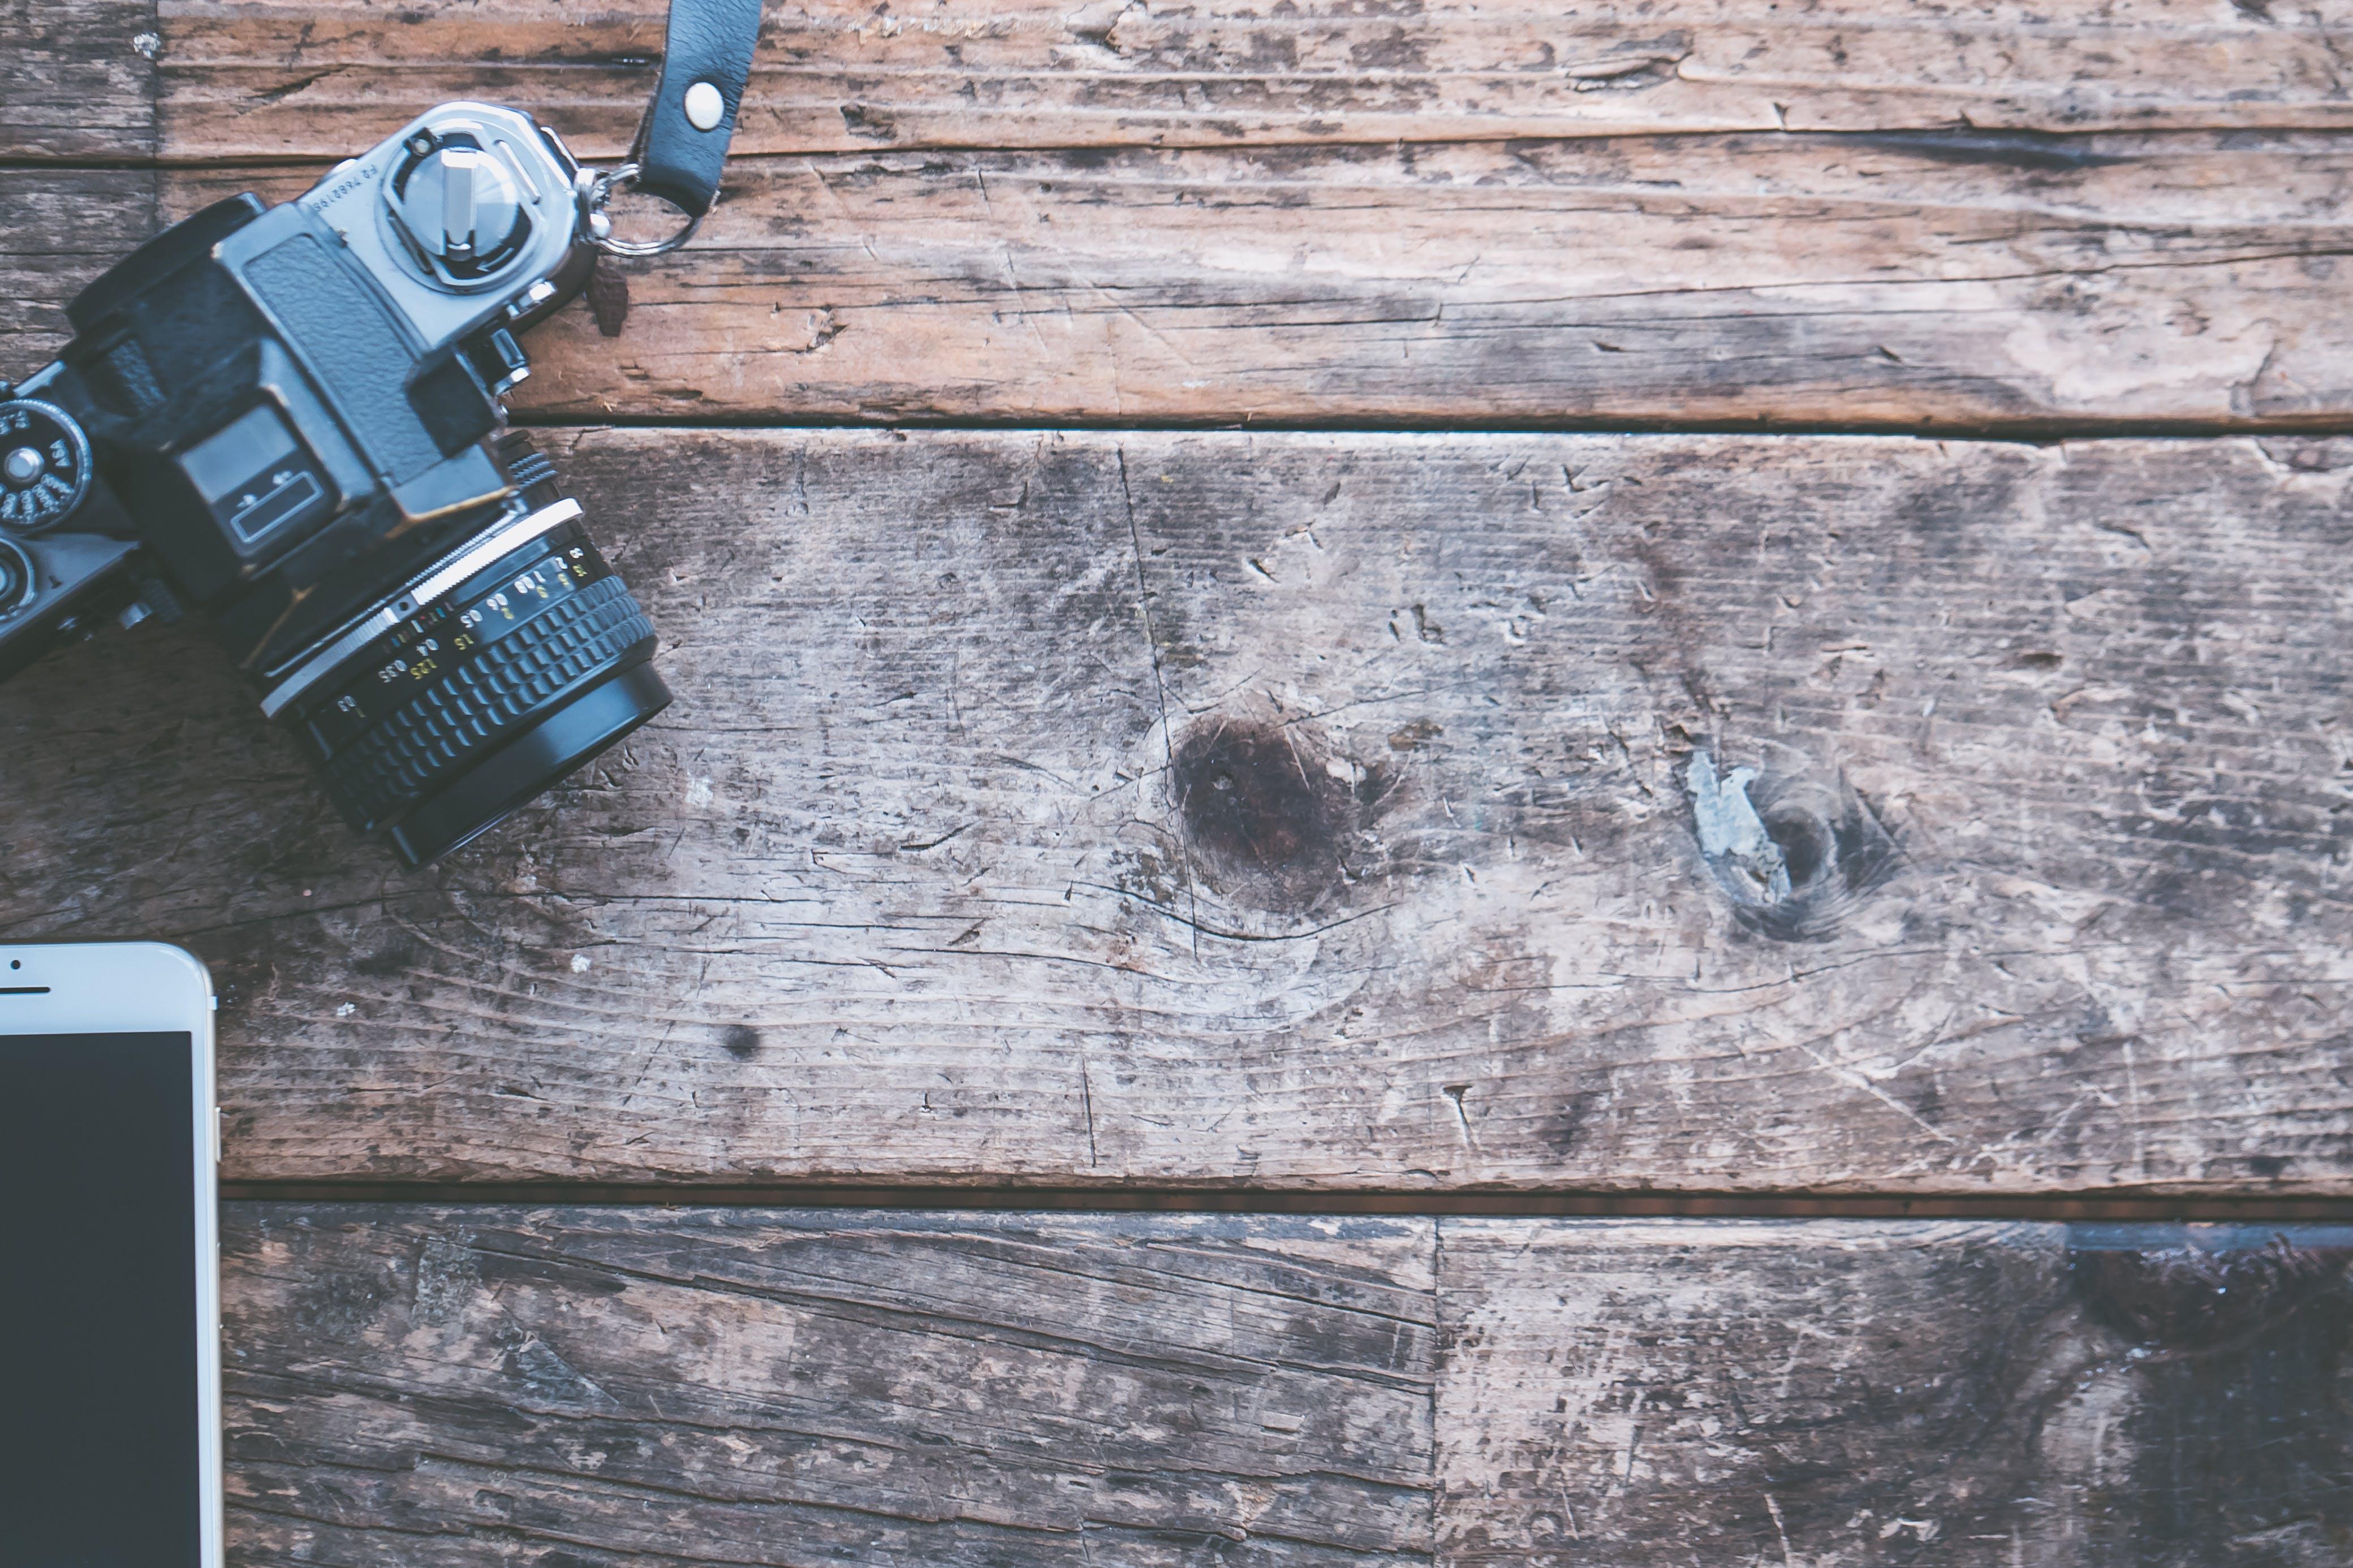 Δωρεάν στοκ φωτογραφιών με iphone, smartphone, ασκήσεις σανίδας, γραφείο